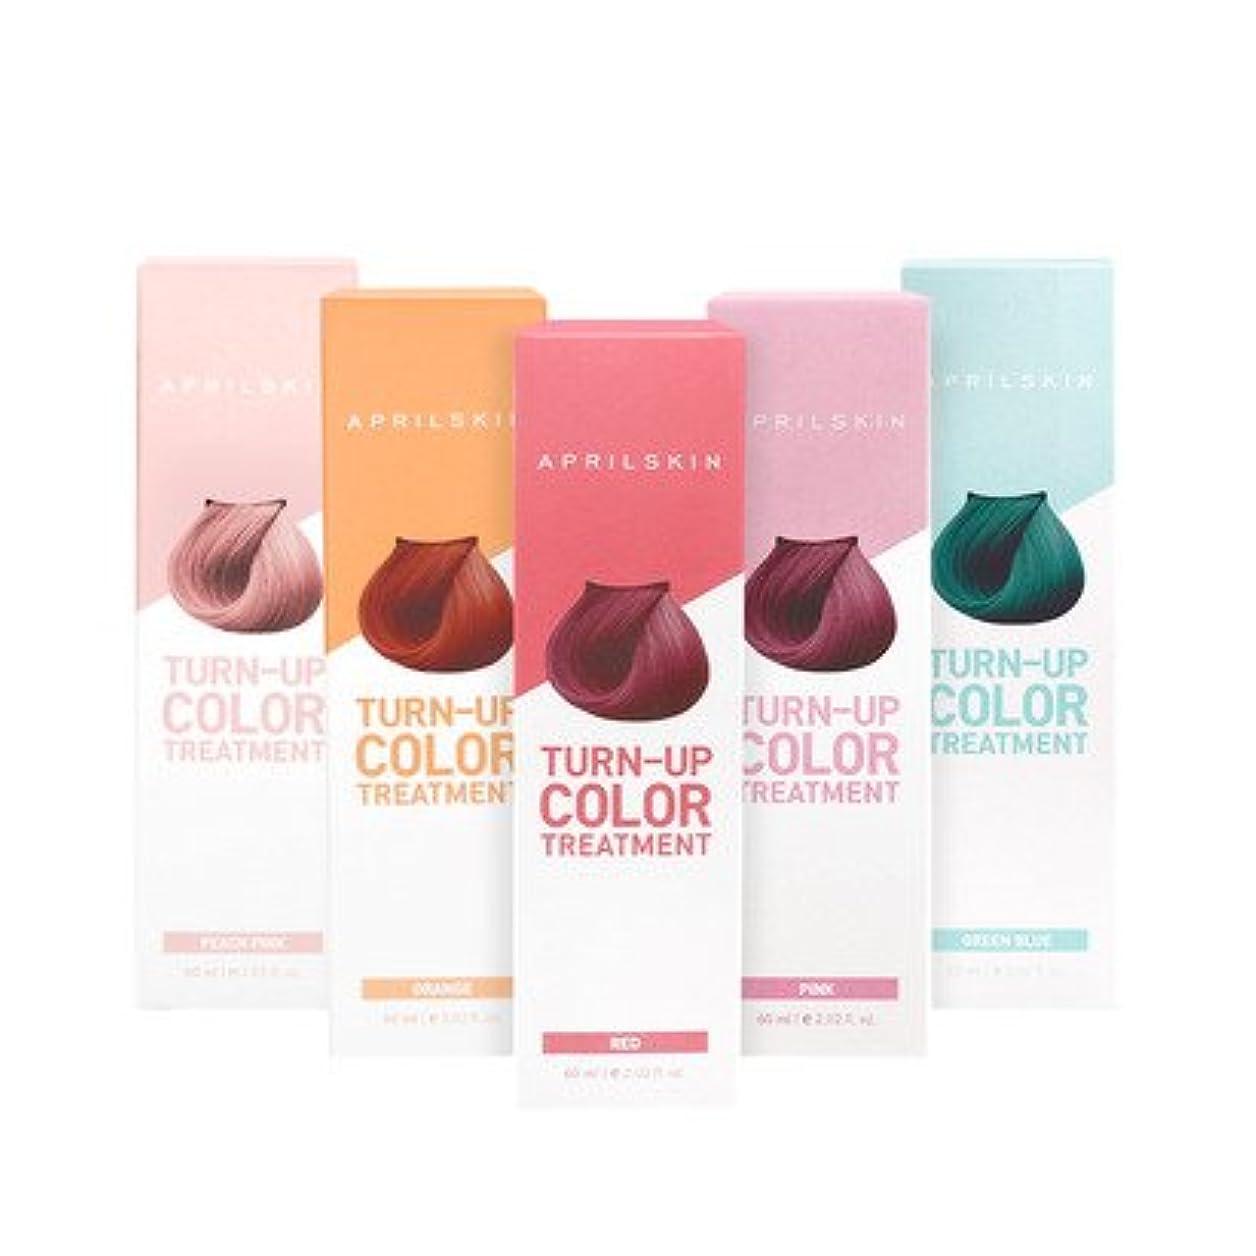 ぴかぴか極地支給April Skin(エイプリルスキン) ターンアップカラー トリートメント/Turn up Color Treatment 60ml(ピーチピンク) [並行輸入品]